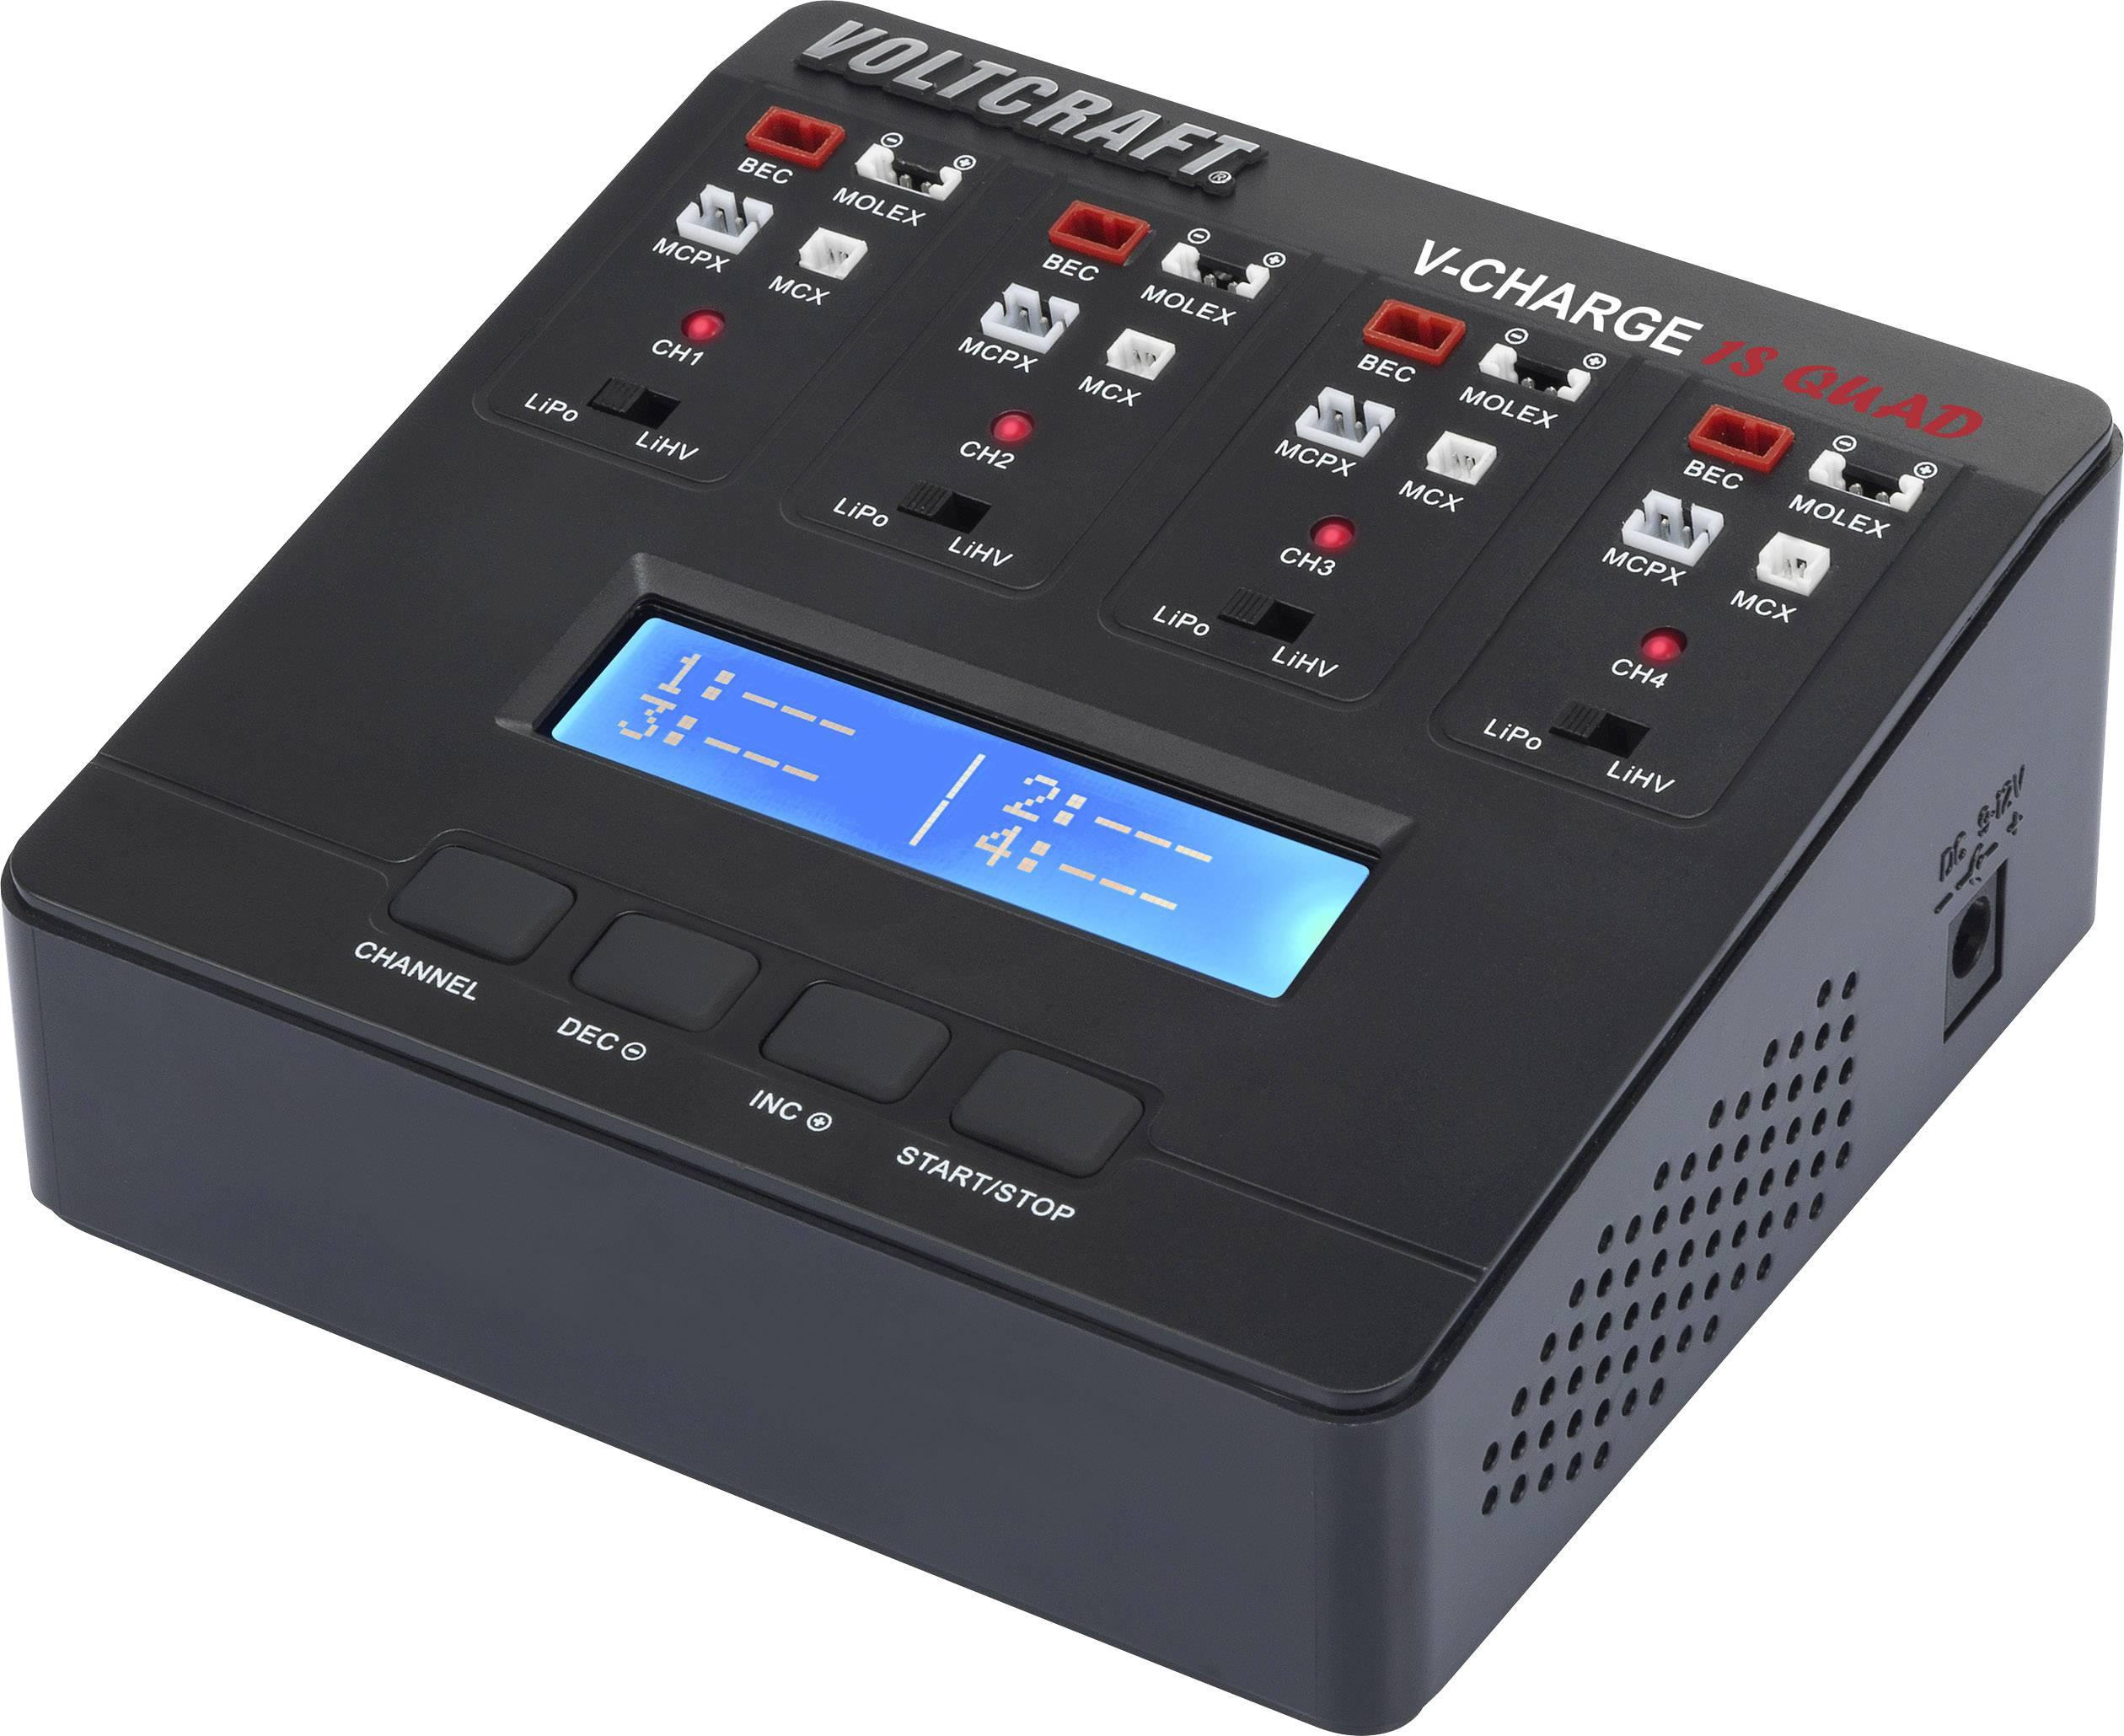 Modelářská nabíječka VOLTCRAFT V-Charge 1S Quad 12 V, 230 V, 1 A